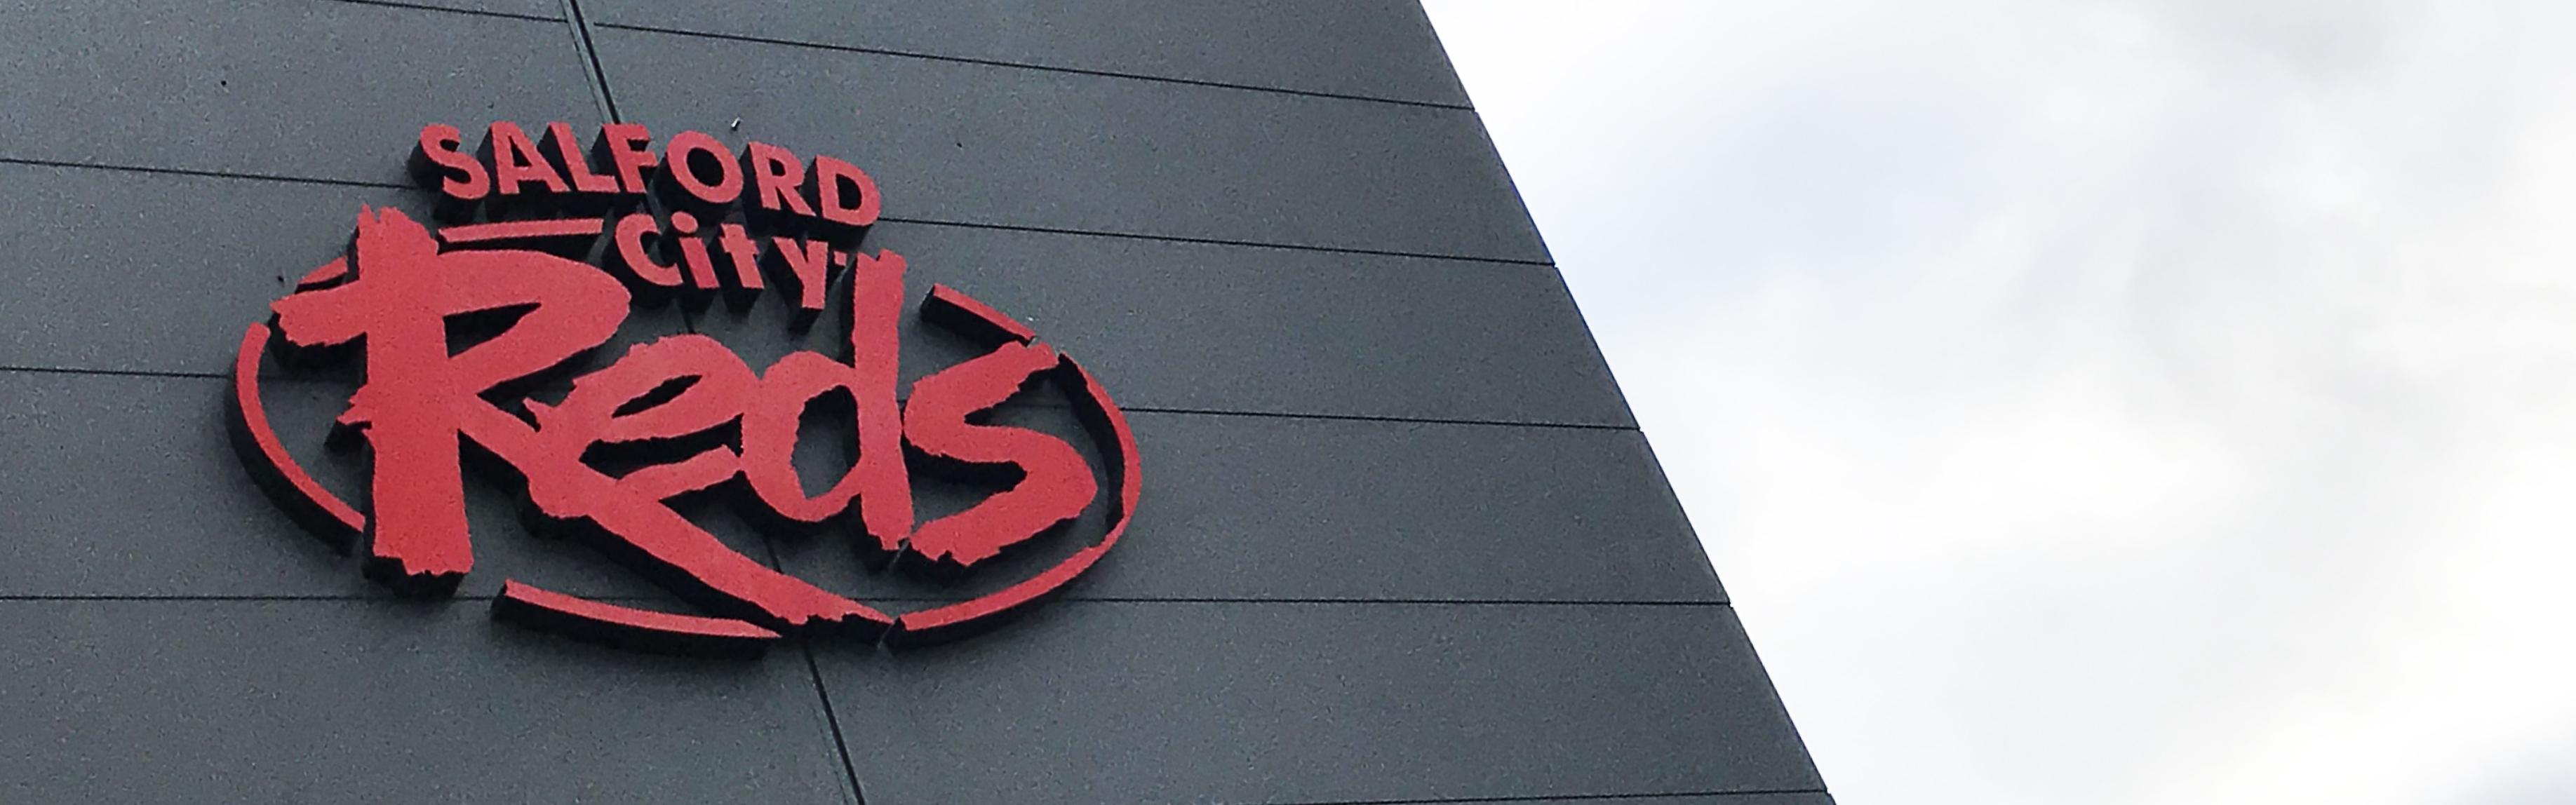 Image: Salford Red Devils logo